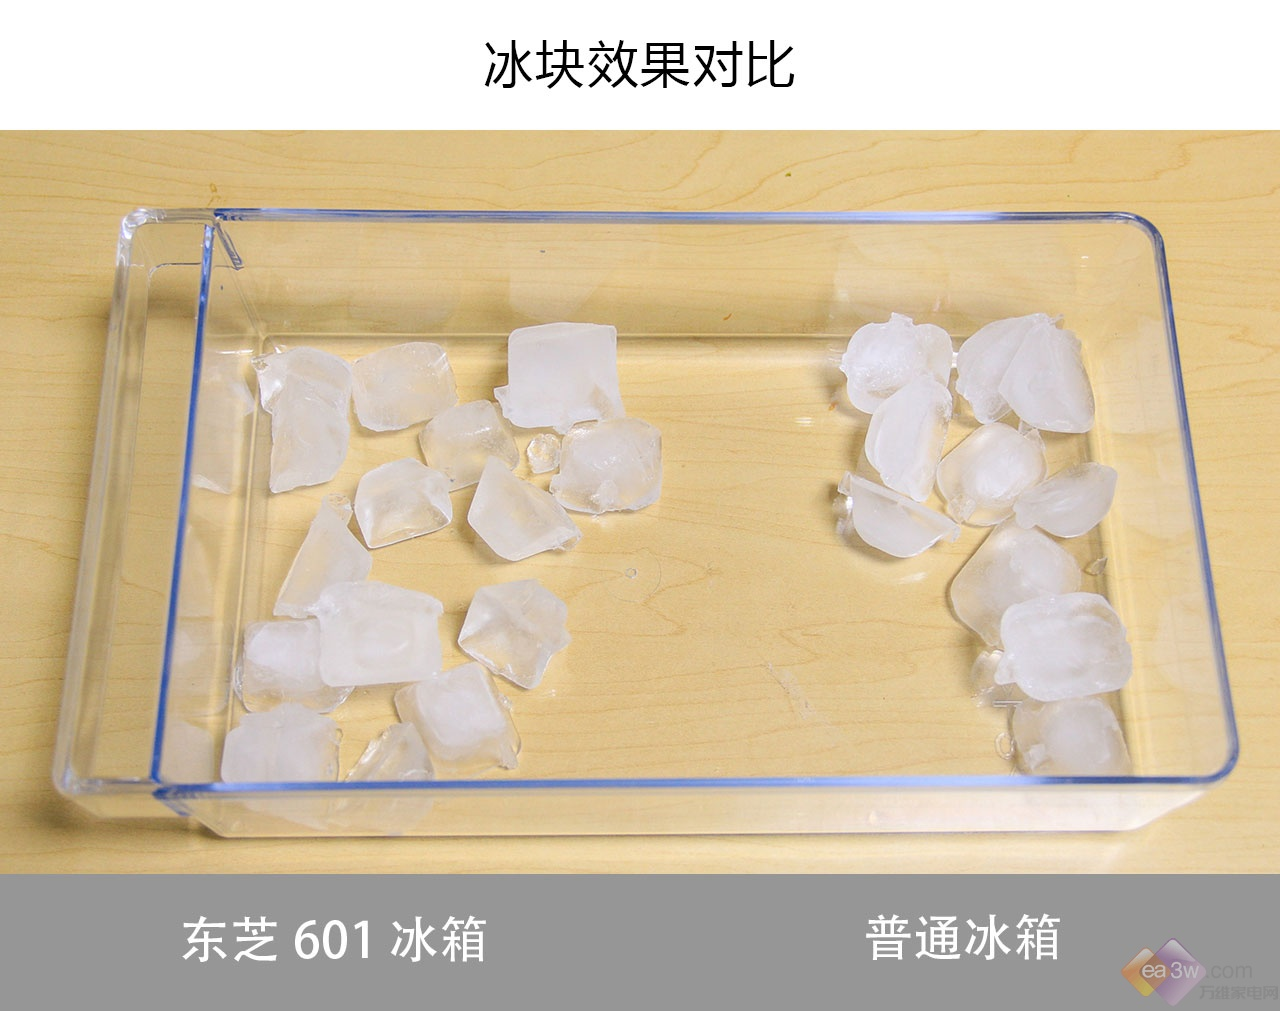 """夏天制冰有妙招?东芝""""多门王""""601冰箱告诉你这个诀窍"""